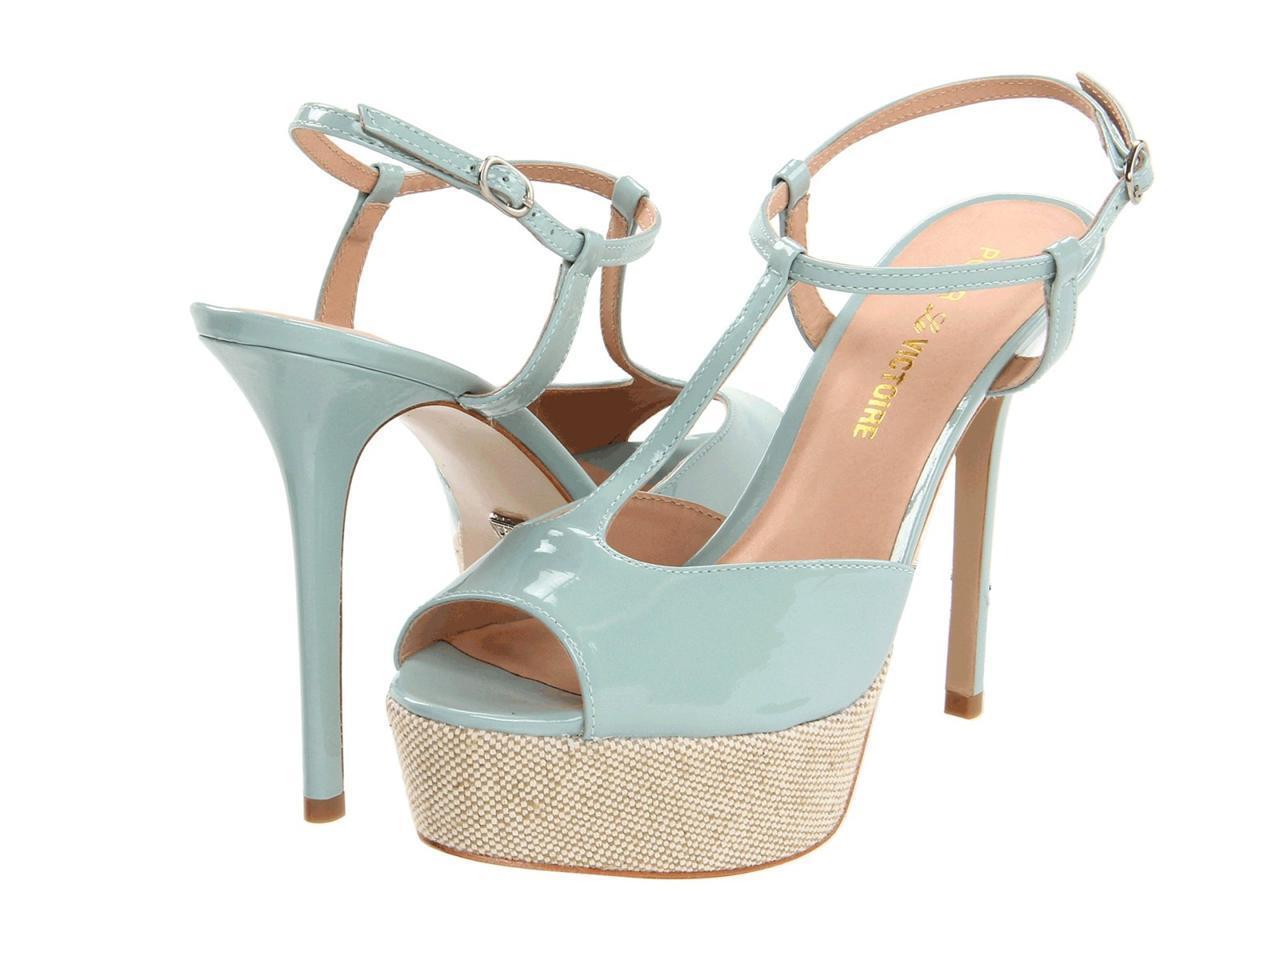 Pour La Victoire Vicenta Seafoam Soft Patent Sandal T strap peep toe platform